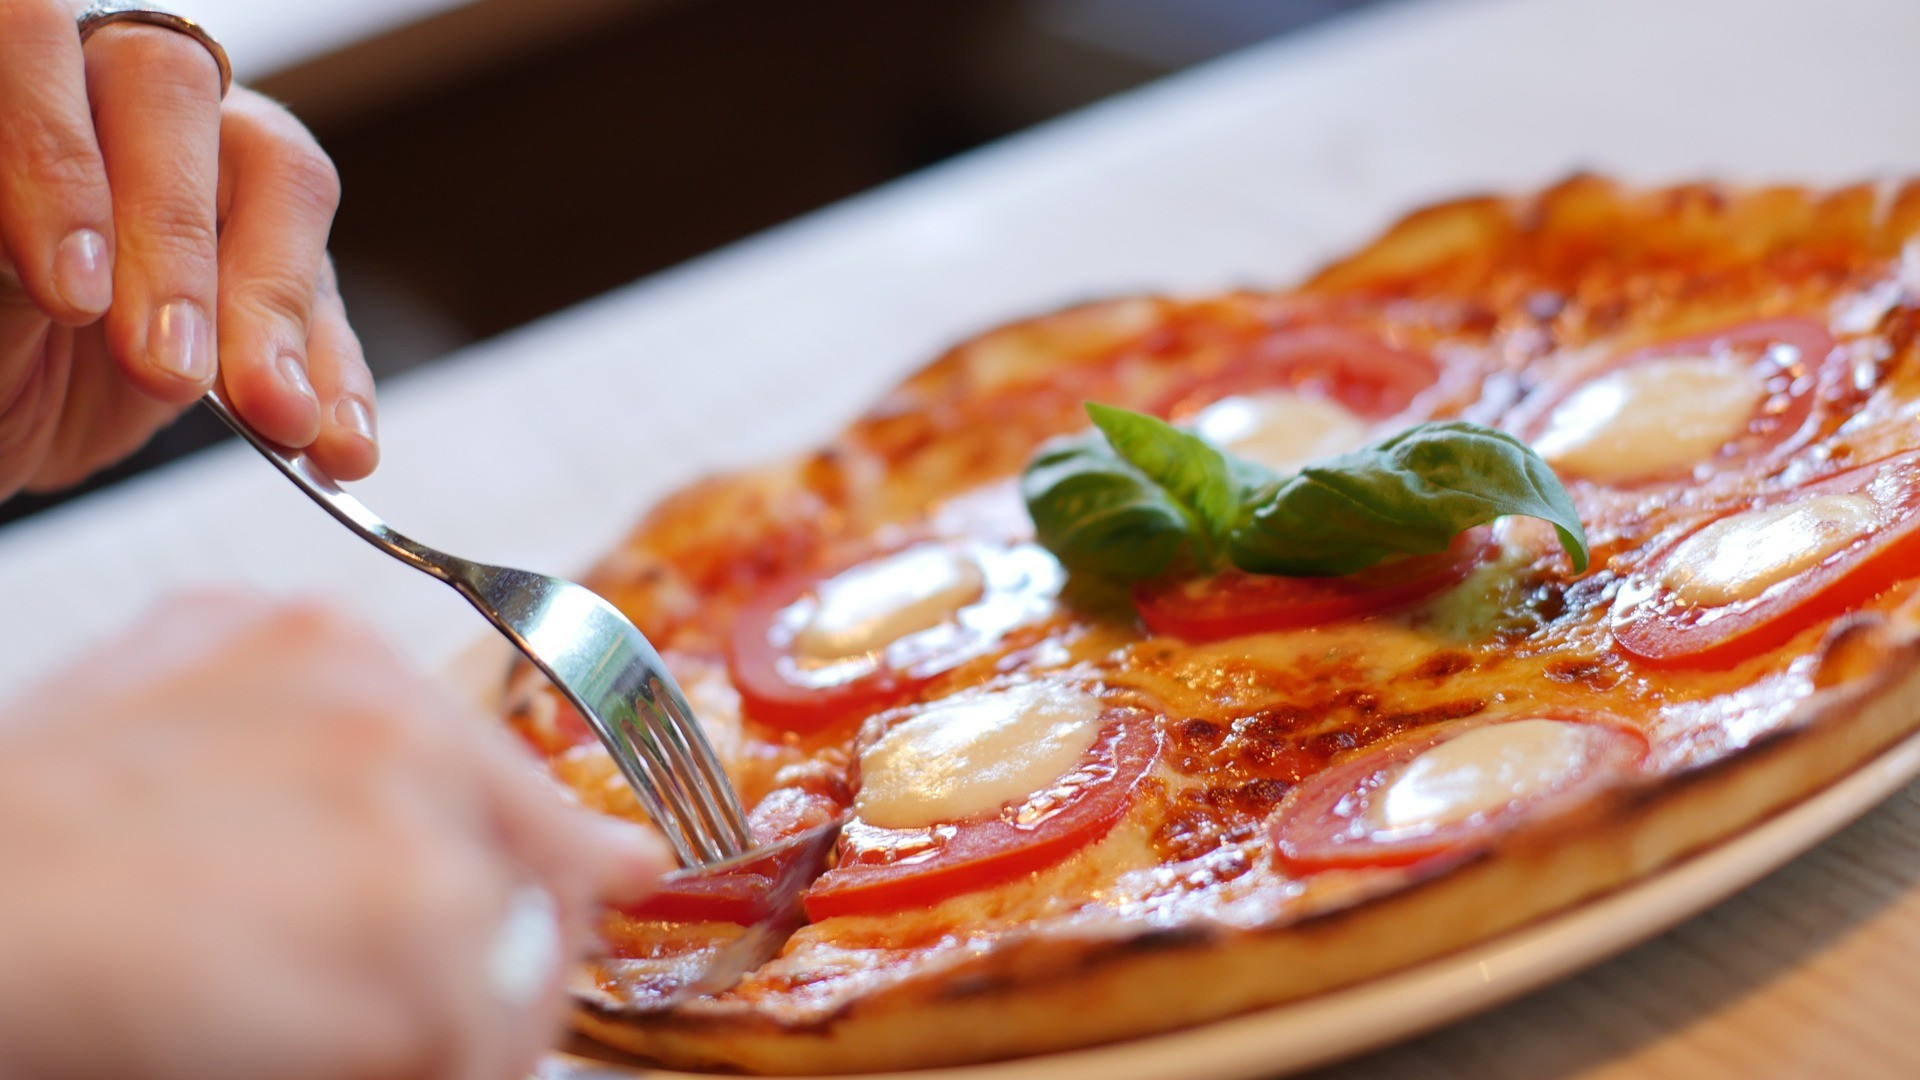 Majoritatea românilor intenţionează să ia masa în oraş după ridicarea restricţiilor, în special la restaurant şi fast-food